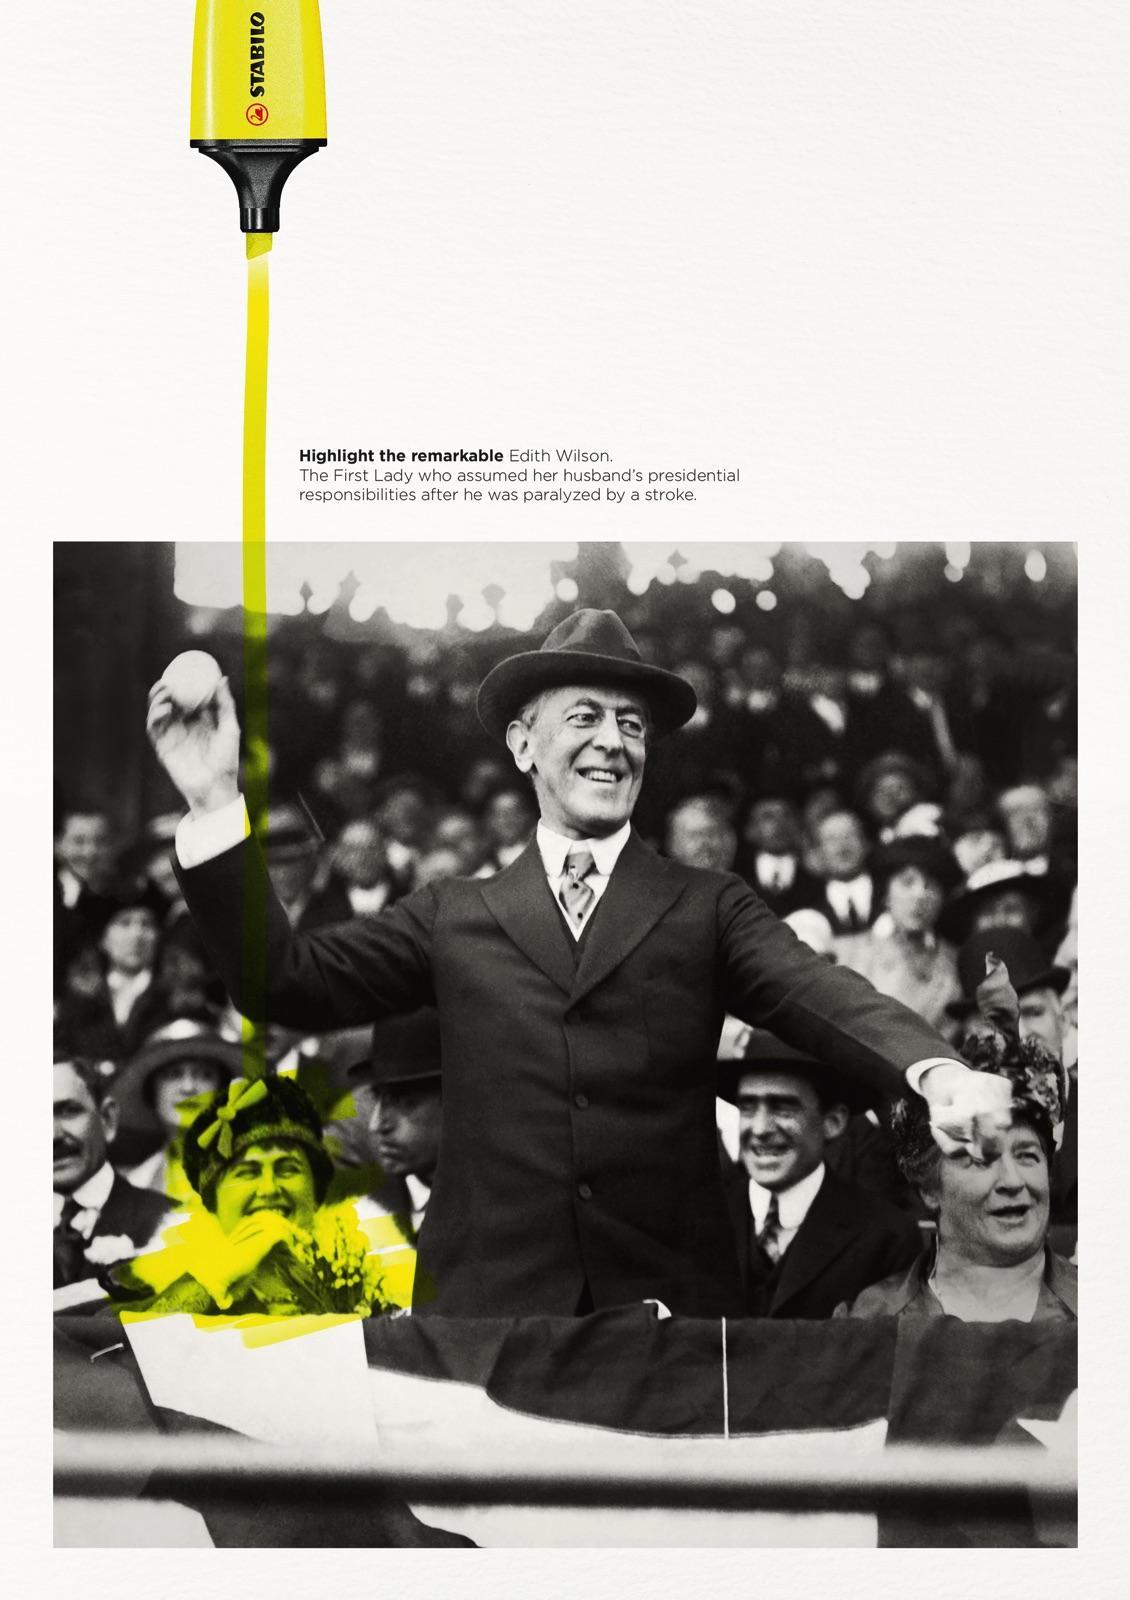 Highlight the remarkable - Edith Wilson